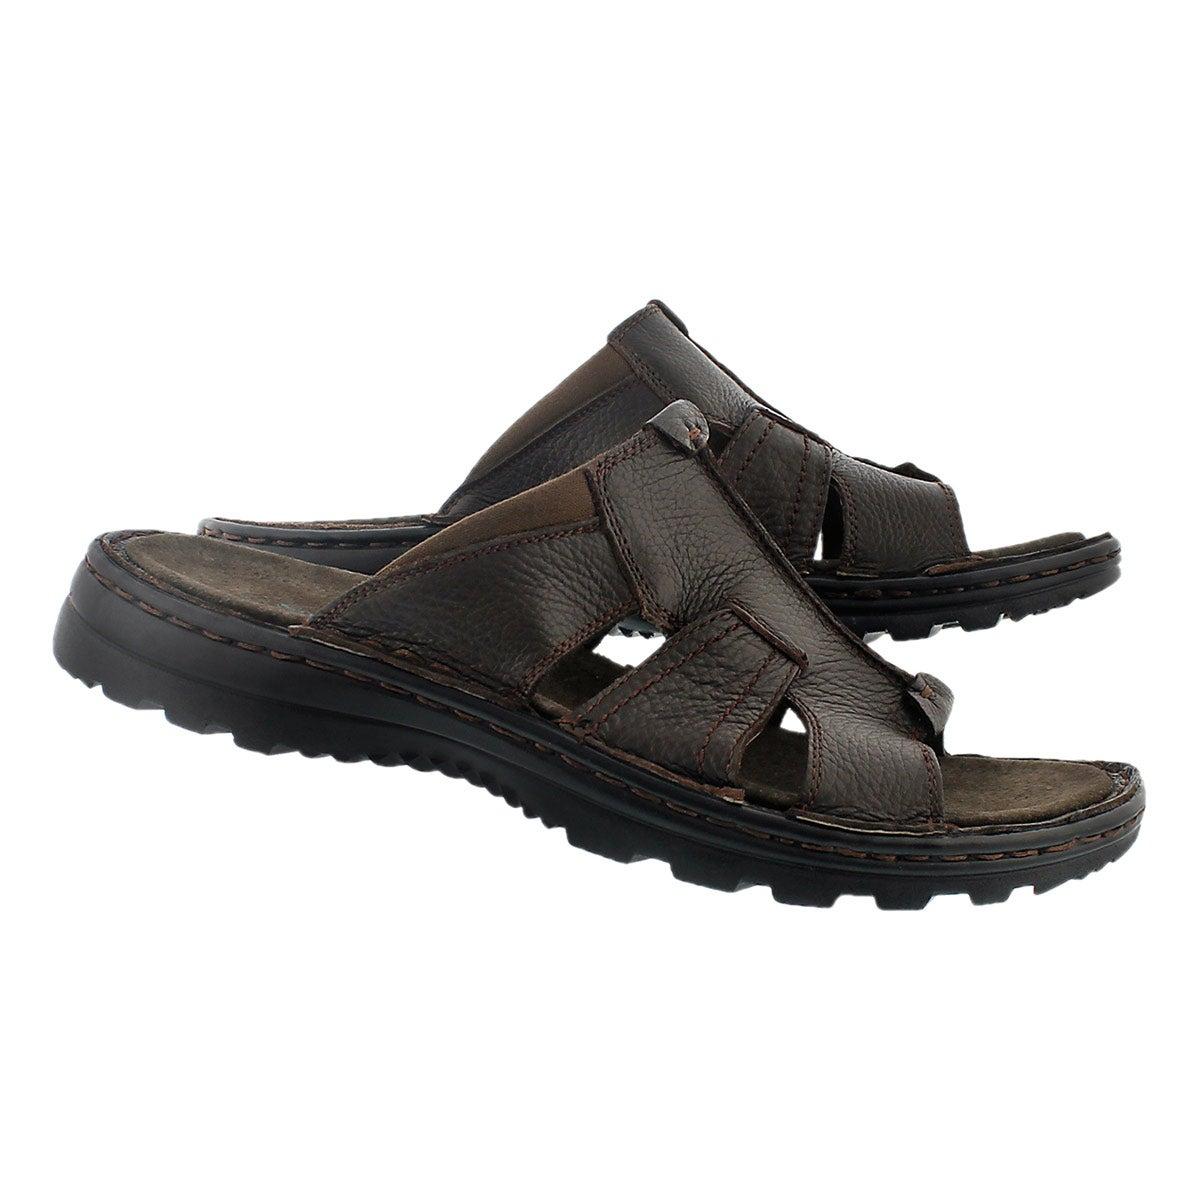 Sandale décontractée Kiefer, brun, homme